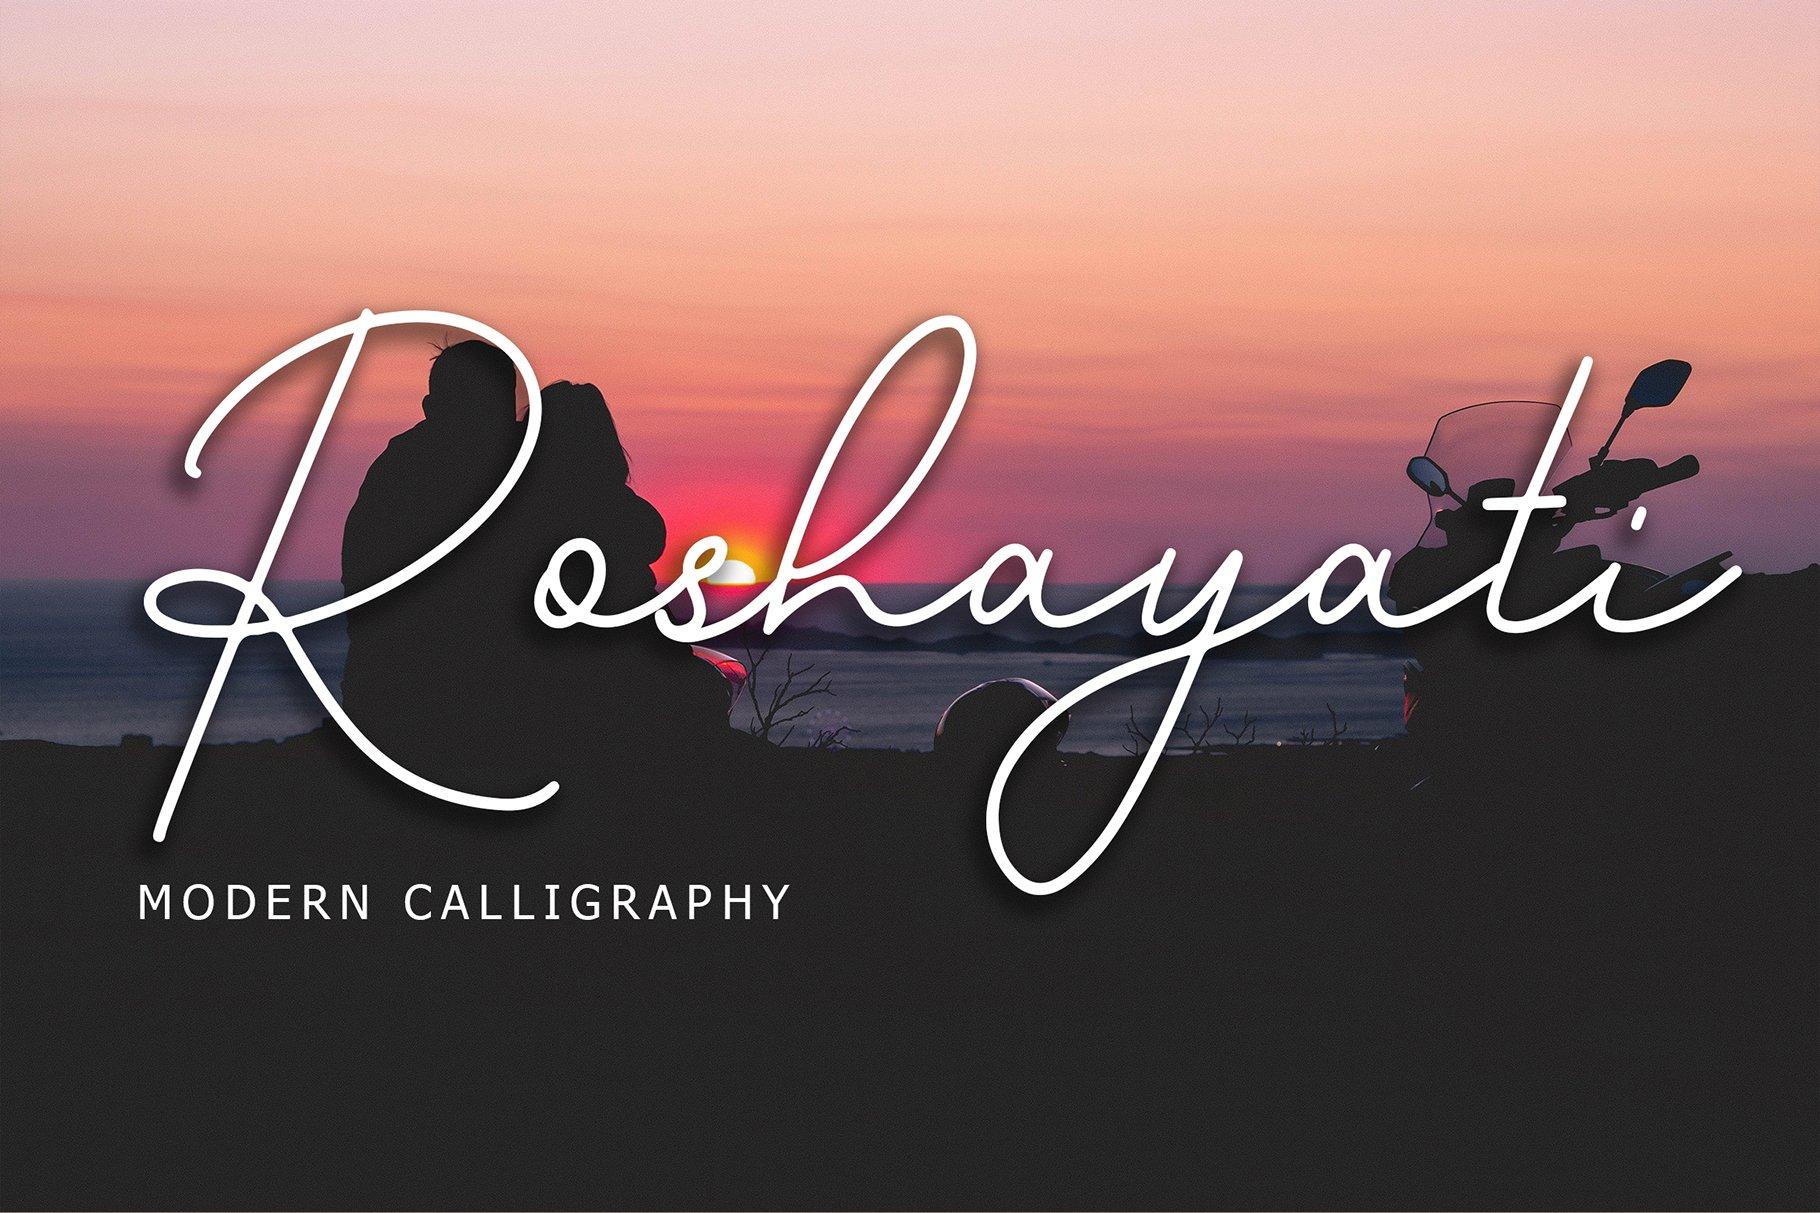 Roshayati Modern Calligraphy Font example image 1